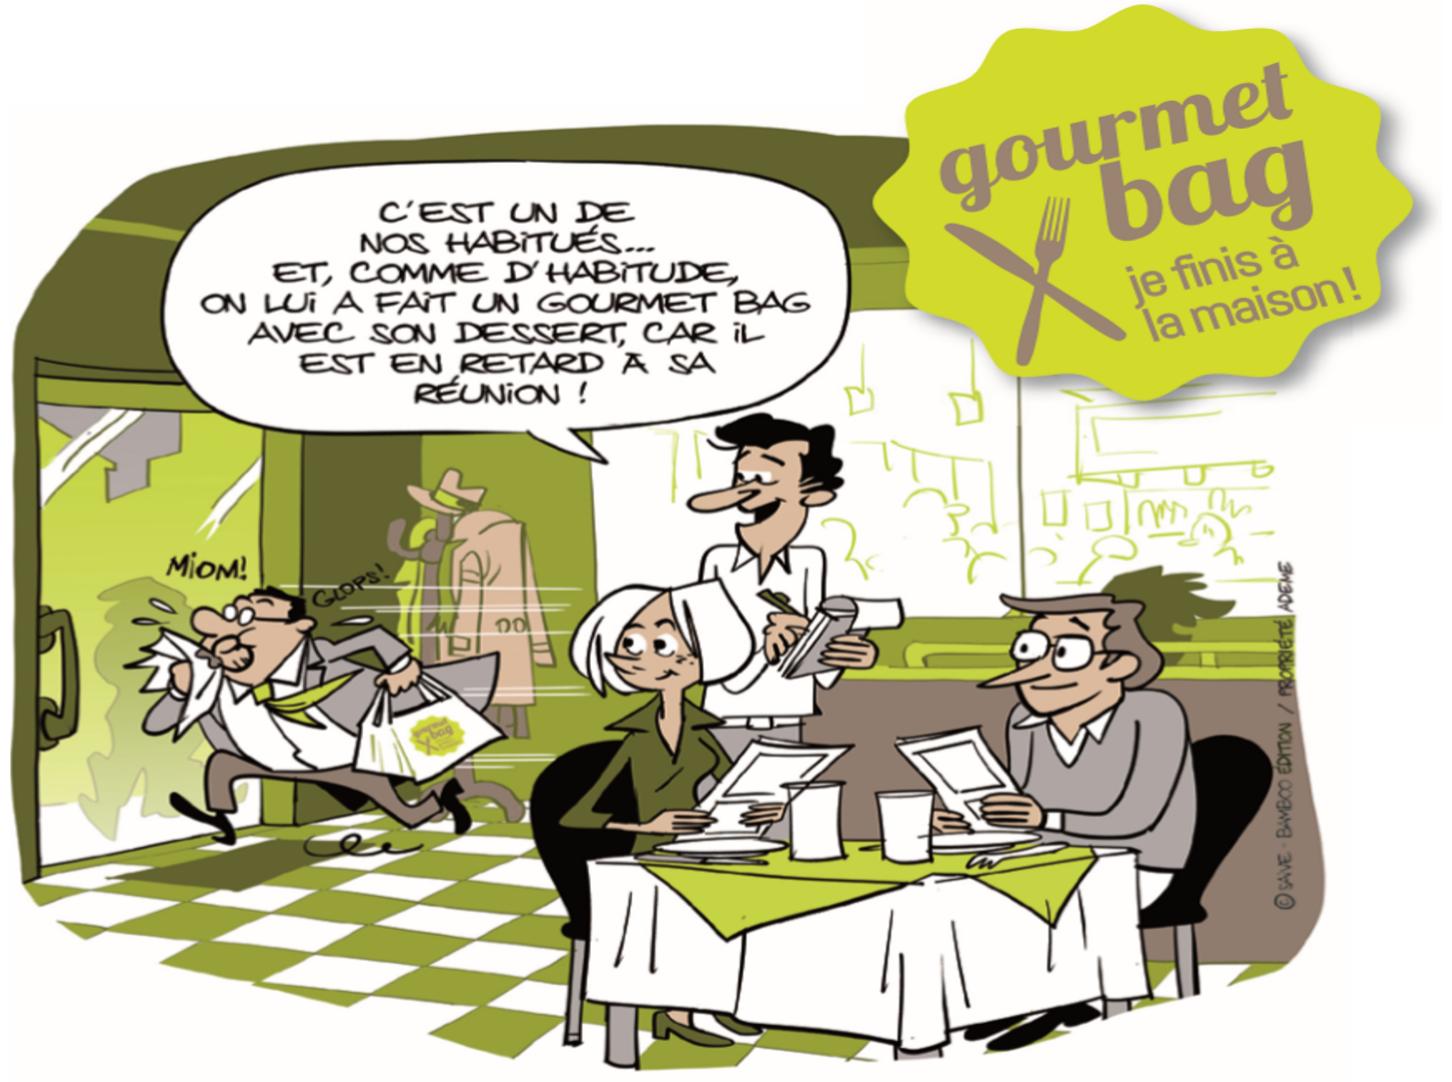 BD 2 Gourmet Bag ©ADEME